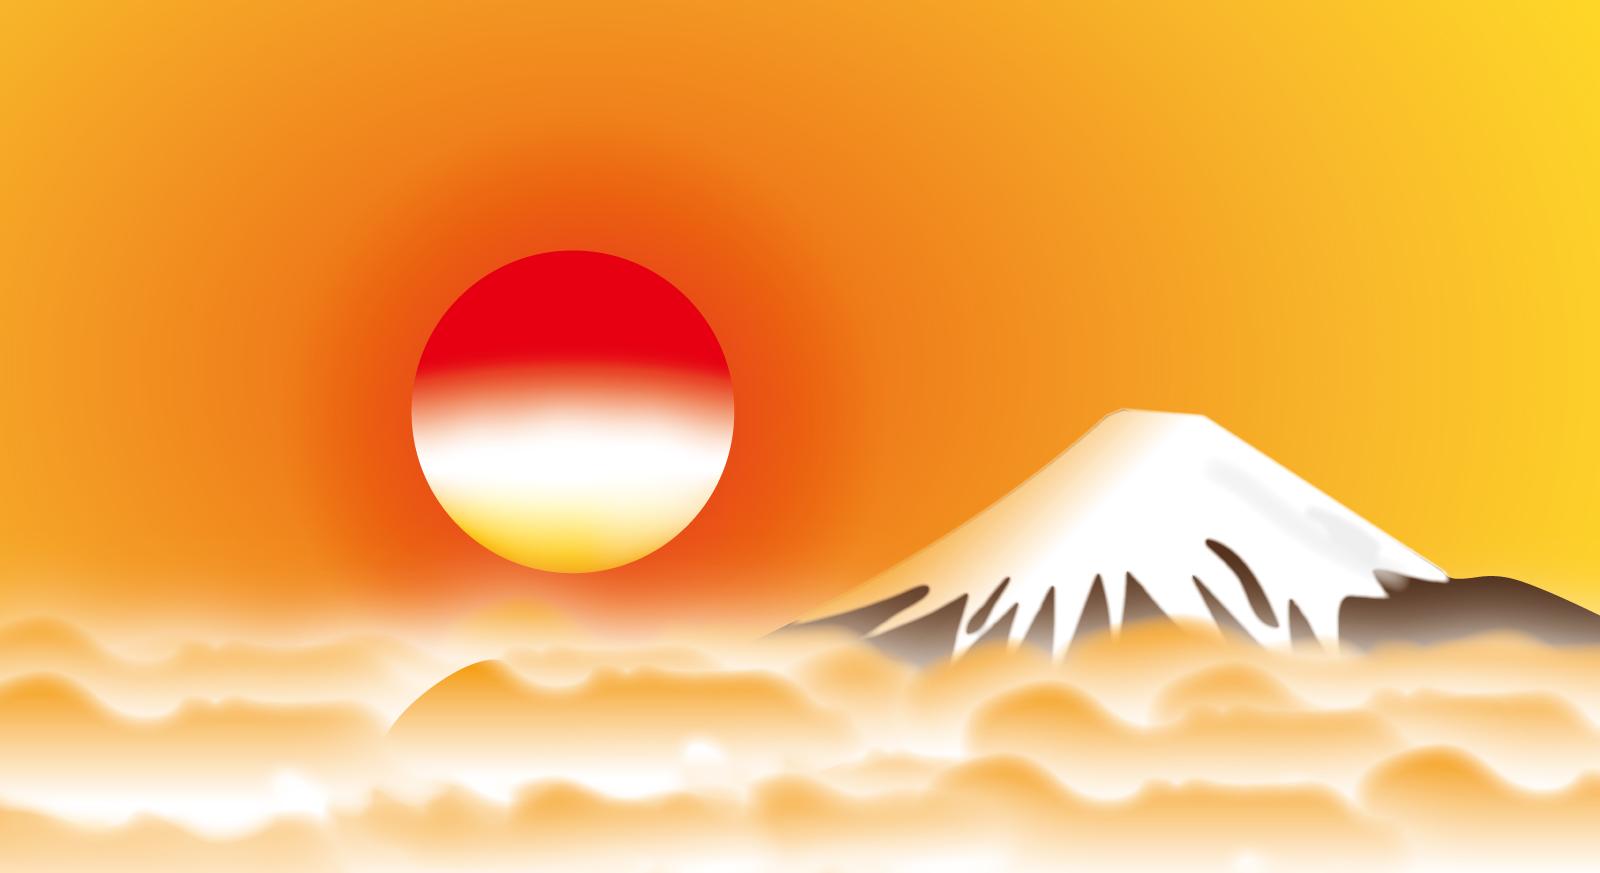 ご来光と初日の出の違いって何?初日の出を見る意味や由来とは?